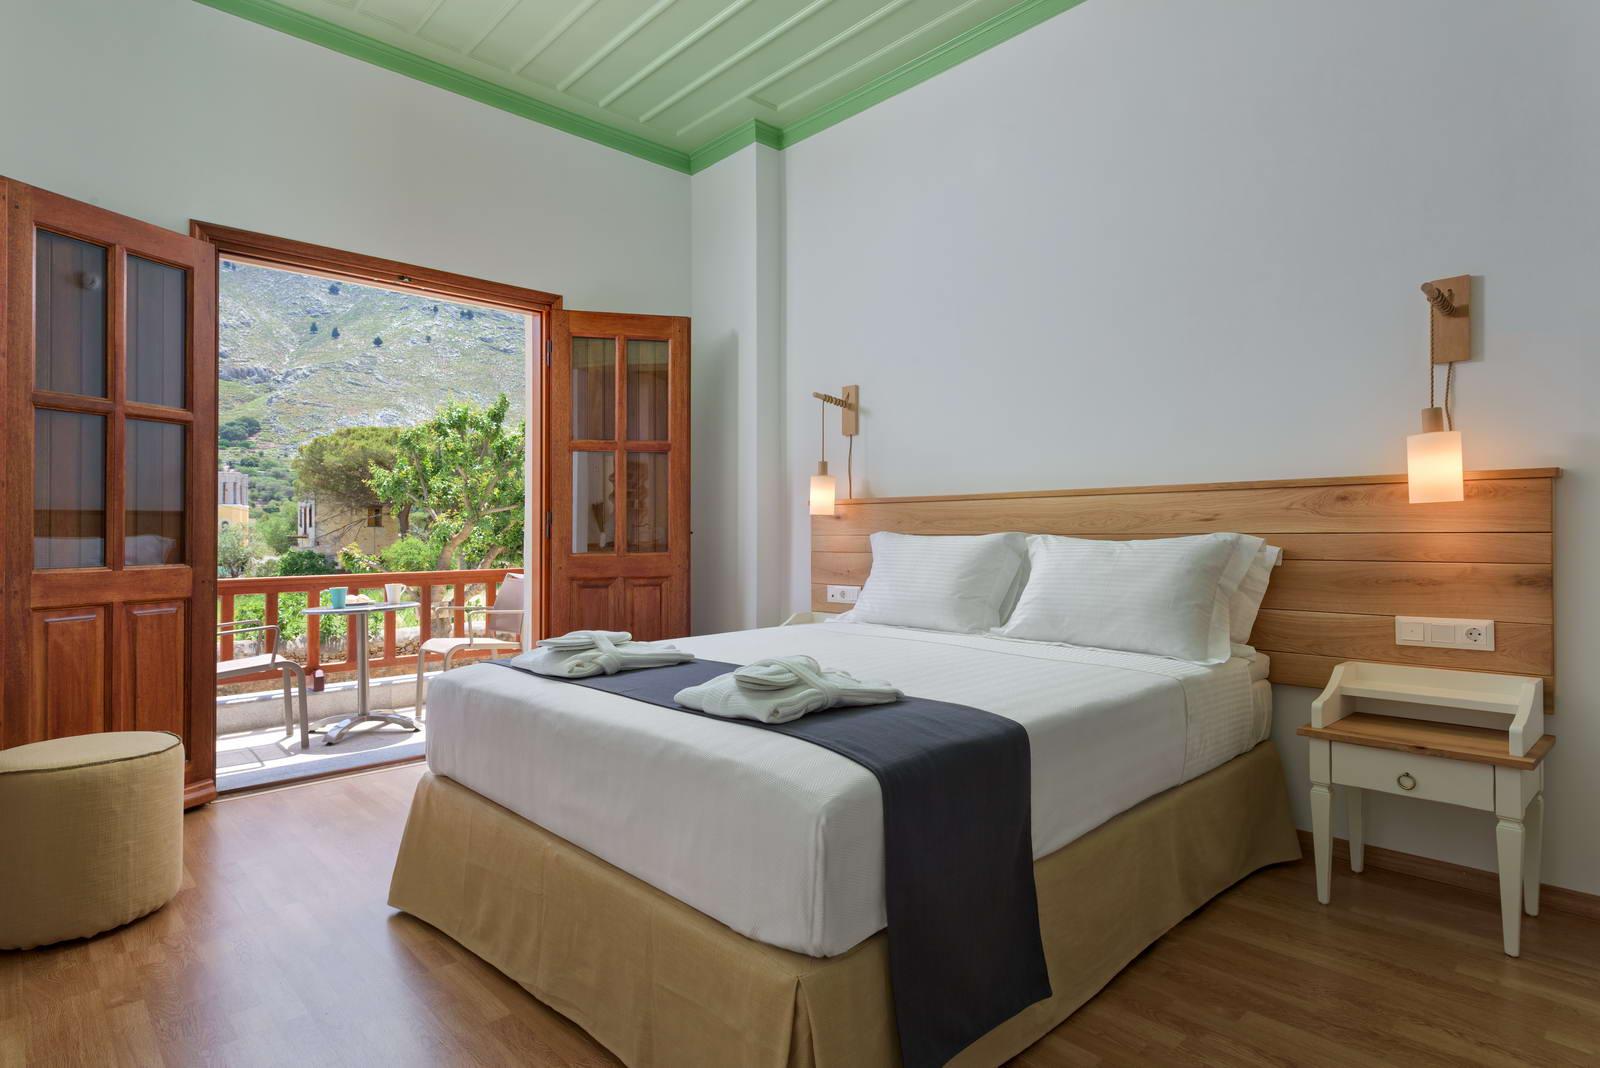 asymi residences symi greece dsuperior suite 1